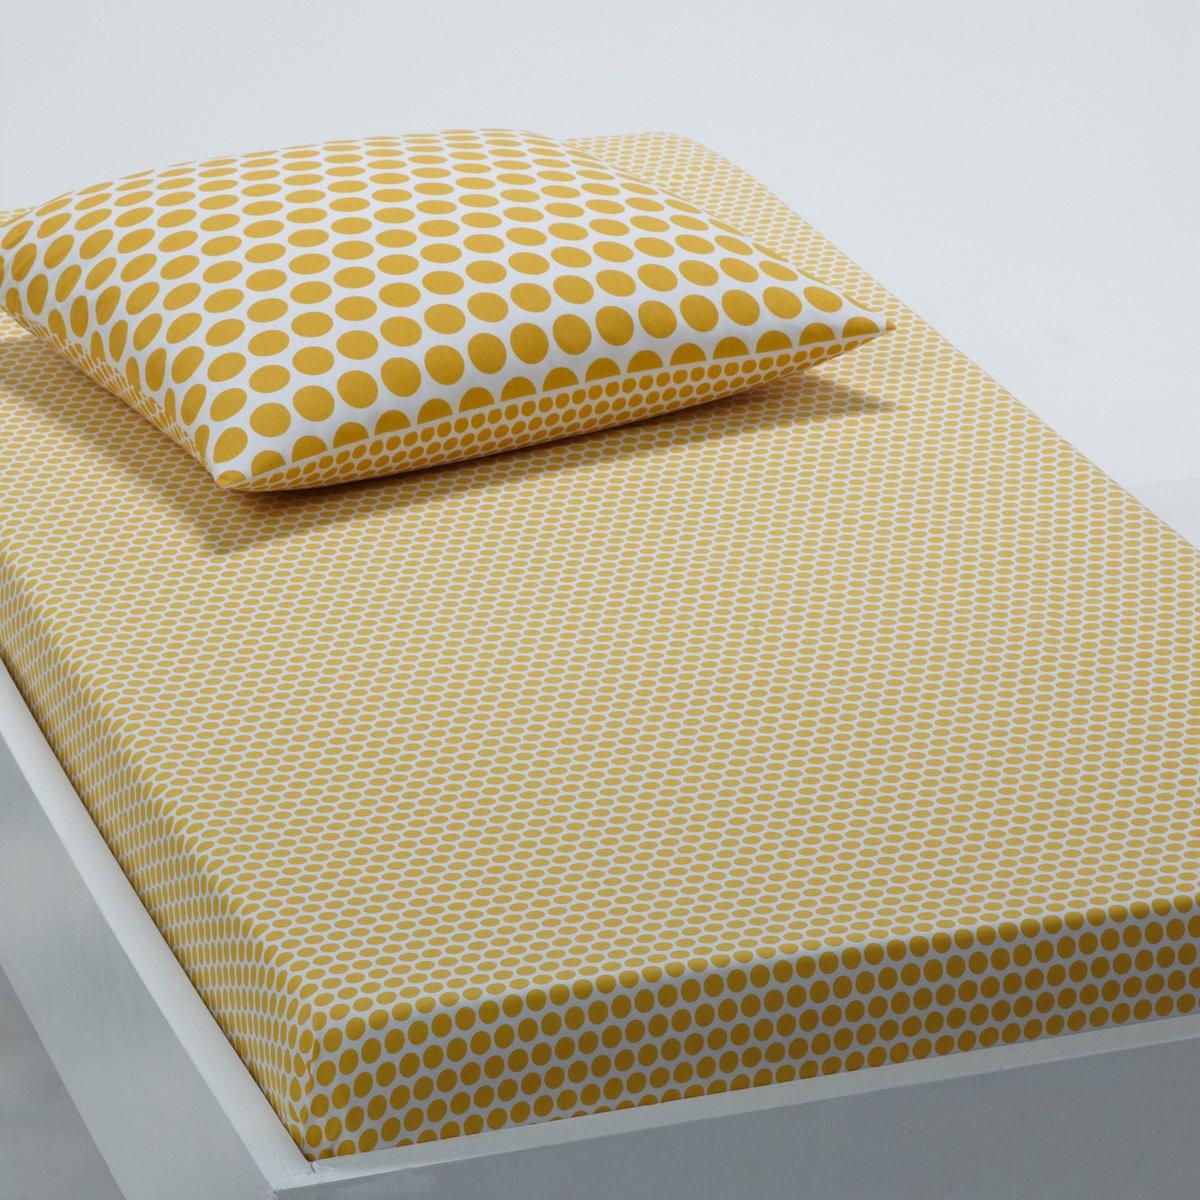 Натяжная простыня с рисунком в горошек CHAT CUTEРазмеры: 90 x 190 см: 1-сп.Цвет: белый/желтый.Цвет :желтый горошек на  белом фоне.Размеры: 90 x 190 см.<br><br>Цвет: белый/ желтый<br>Размер: 90 x 190  см